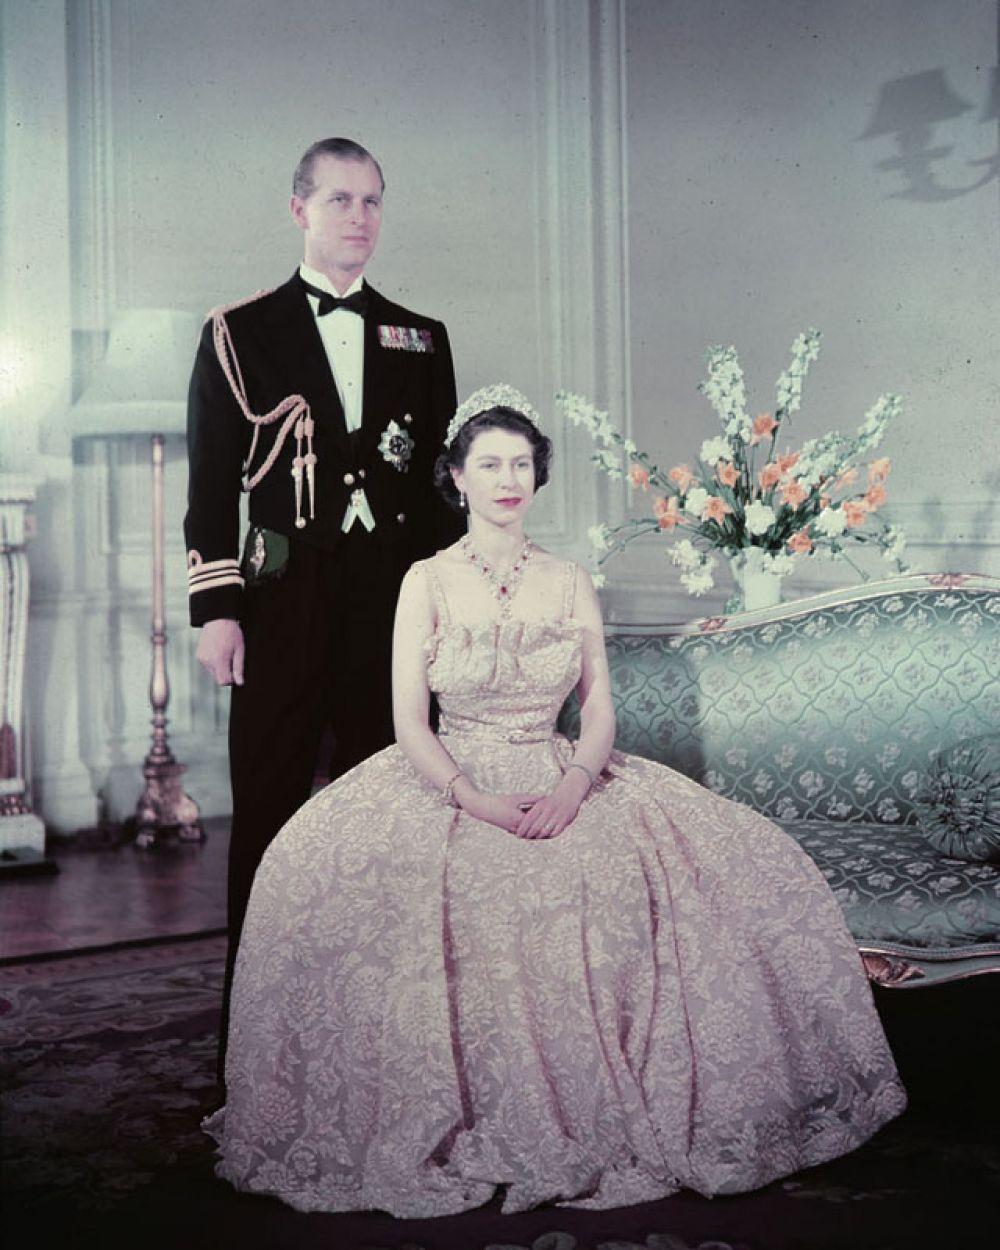 В том же году 21-летняя Елизавета вышла замуж за 26-летнего Филиппа Маунтбеттена — офицера британского флота, члена греческой и датской королевских семей и праправнука королевы Виктории.